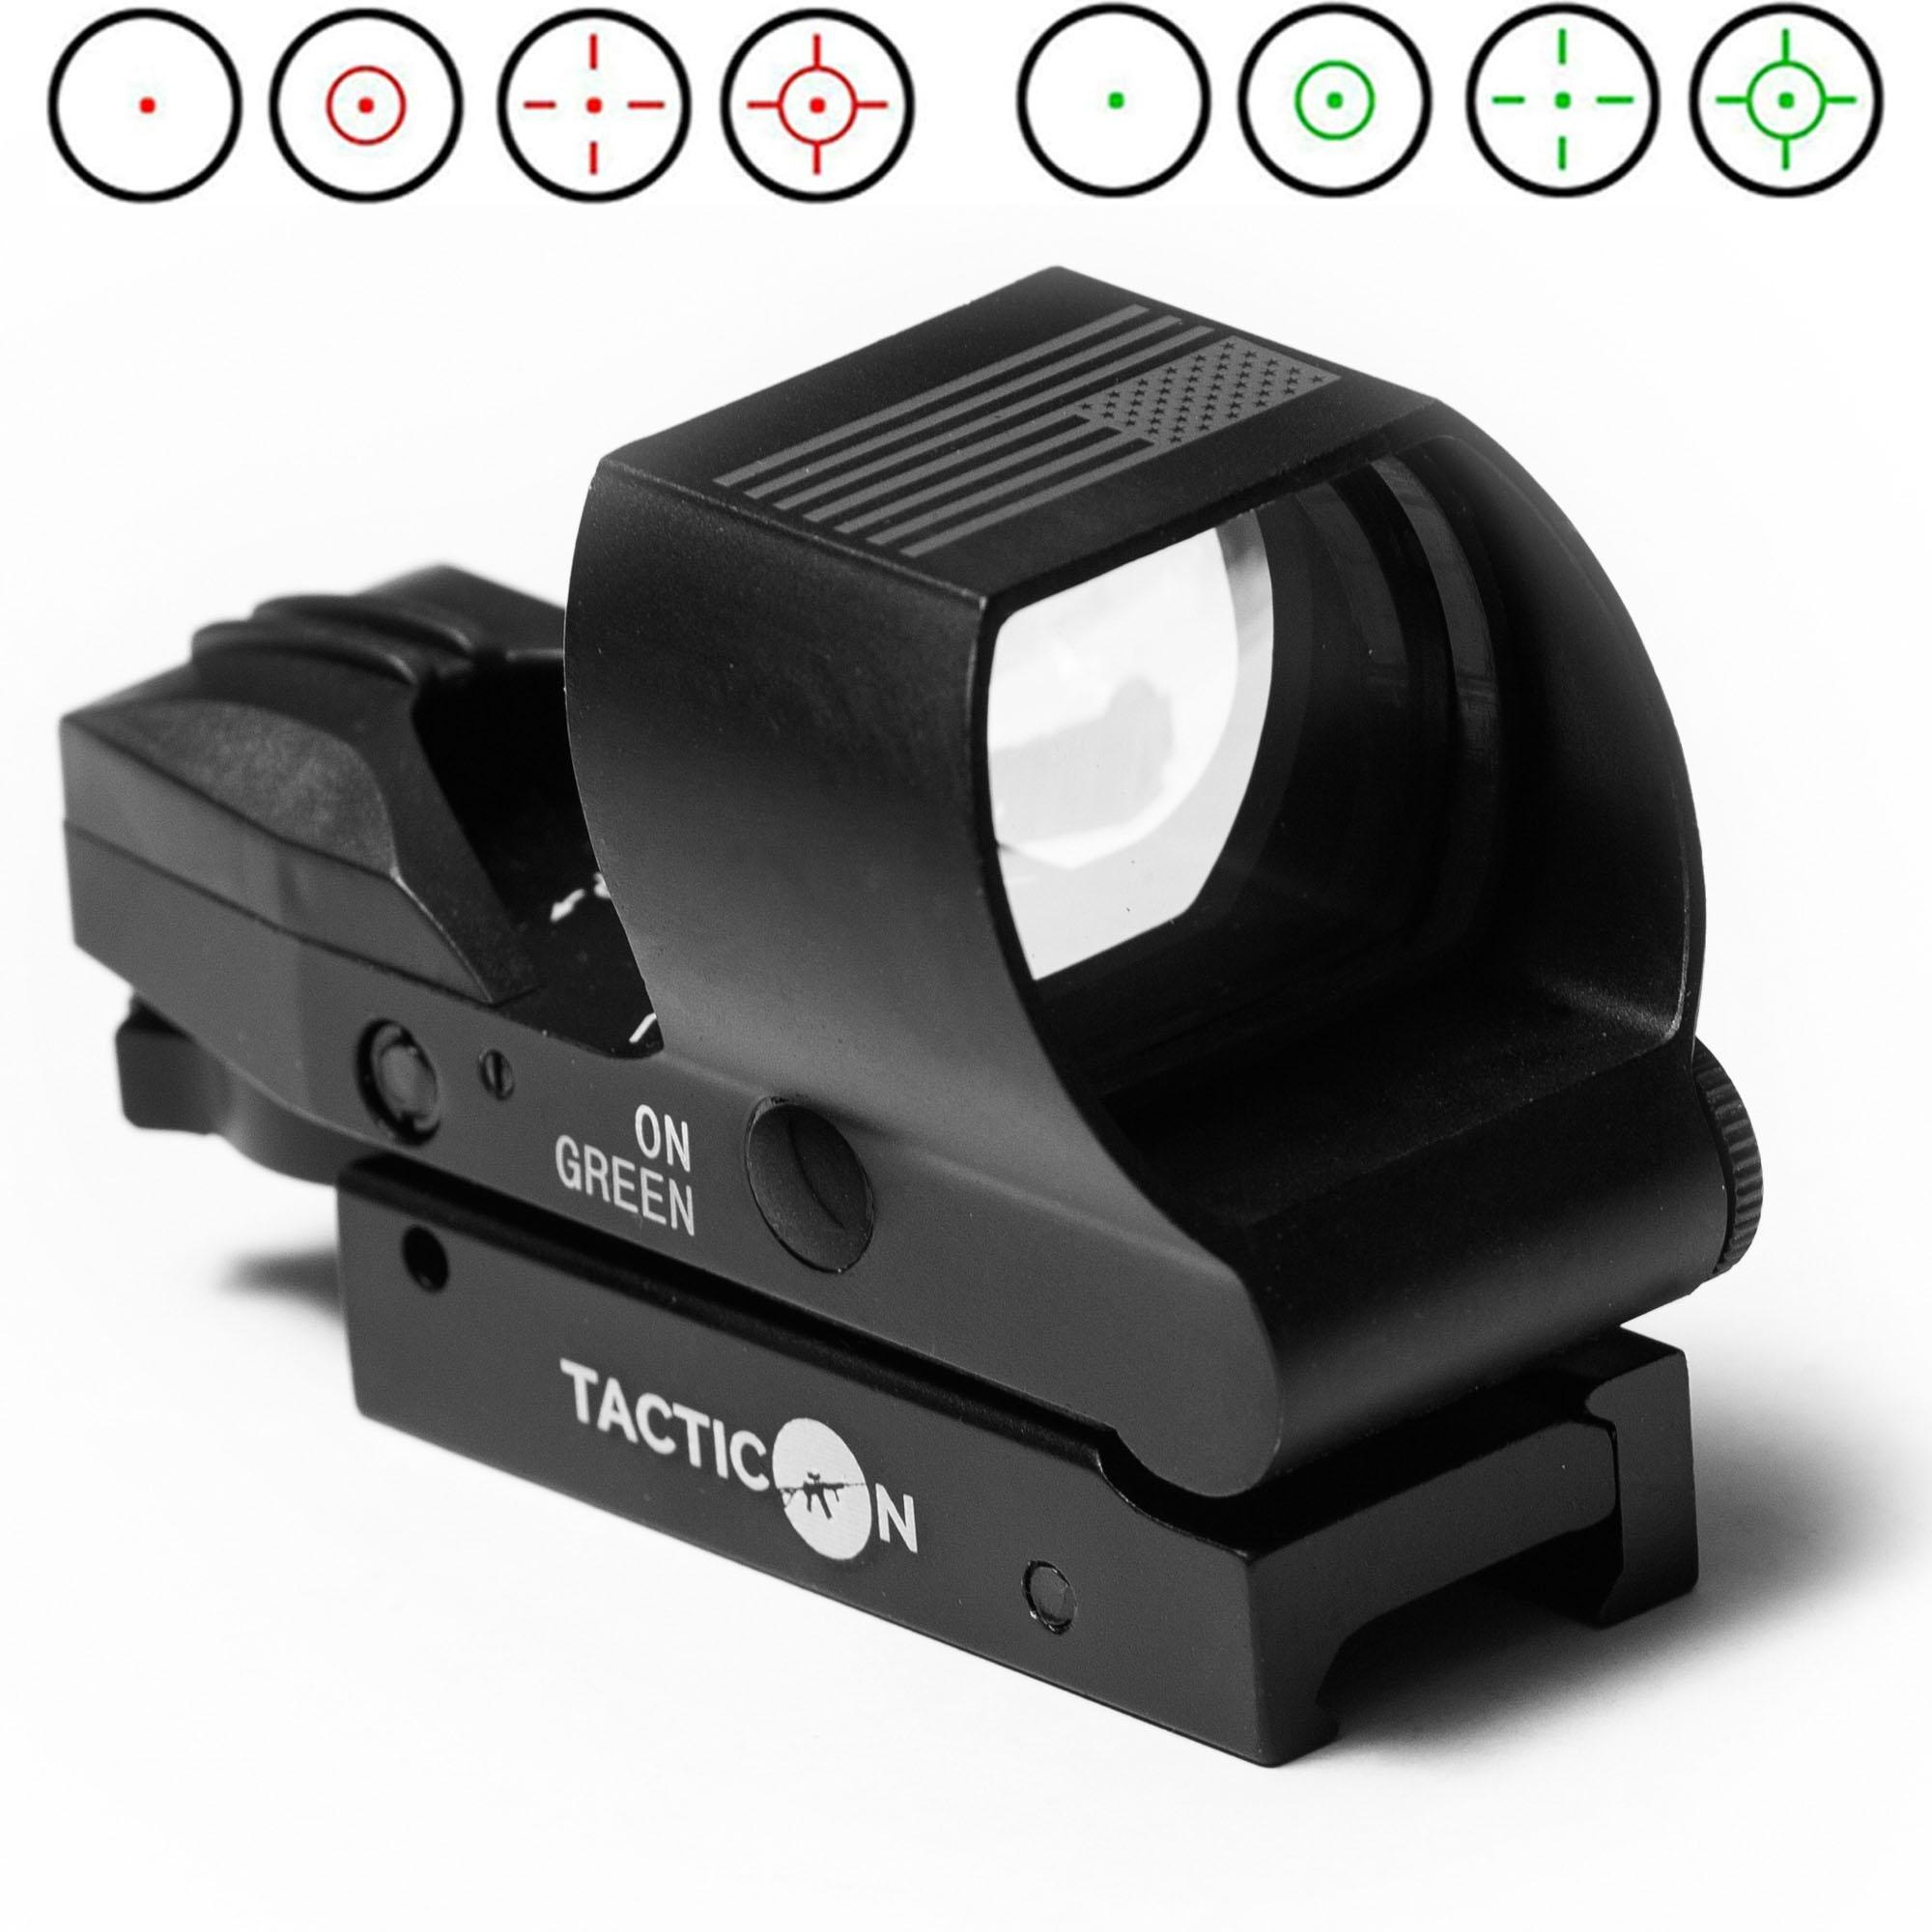 tacticon.com